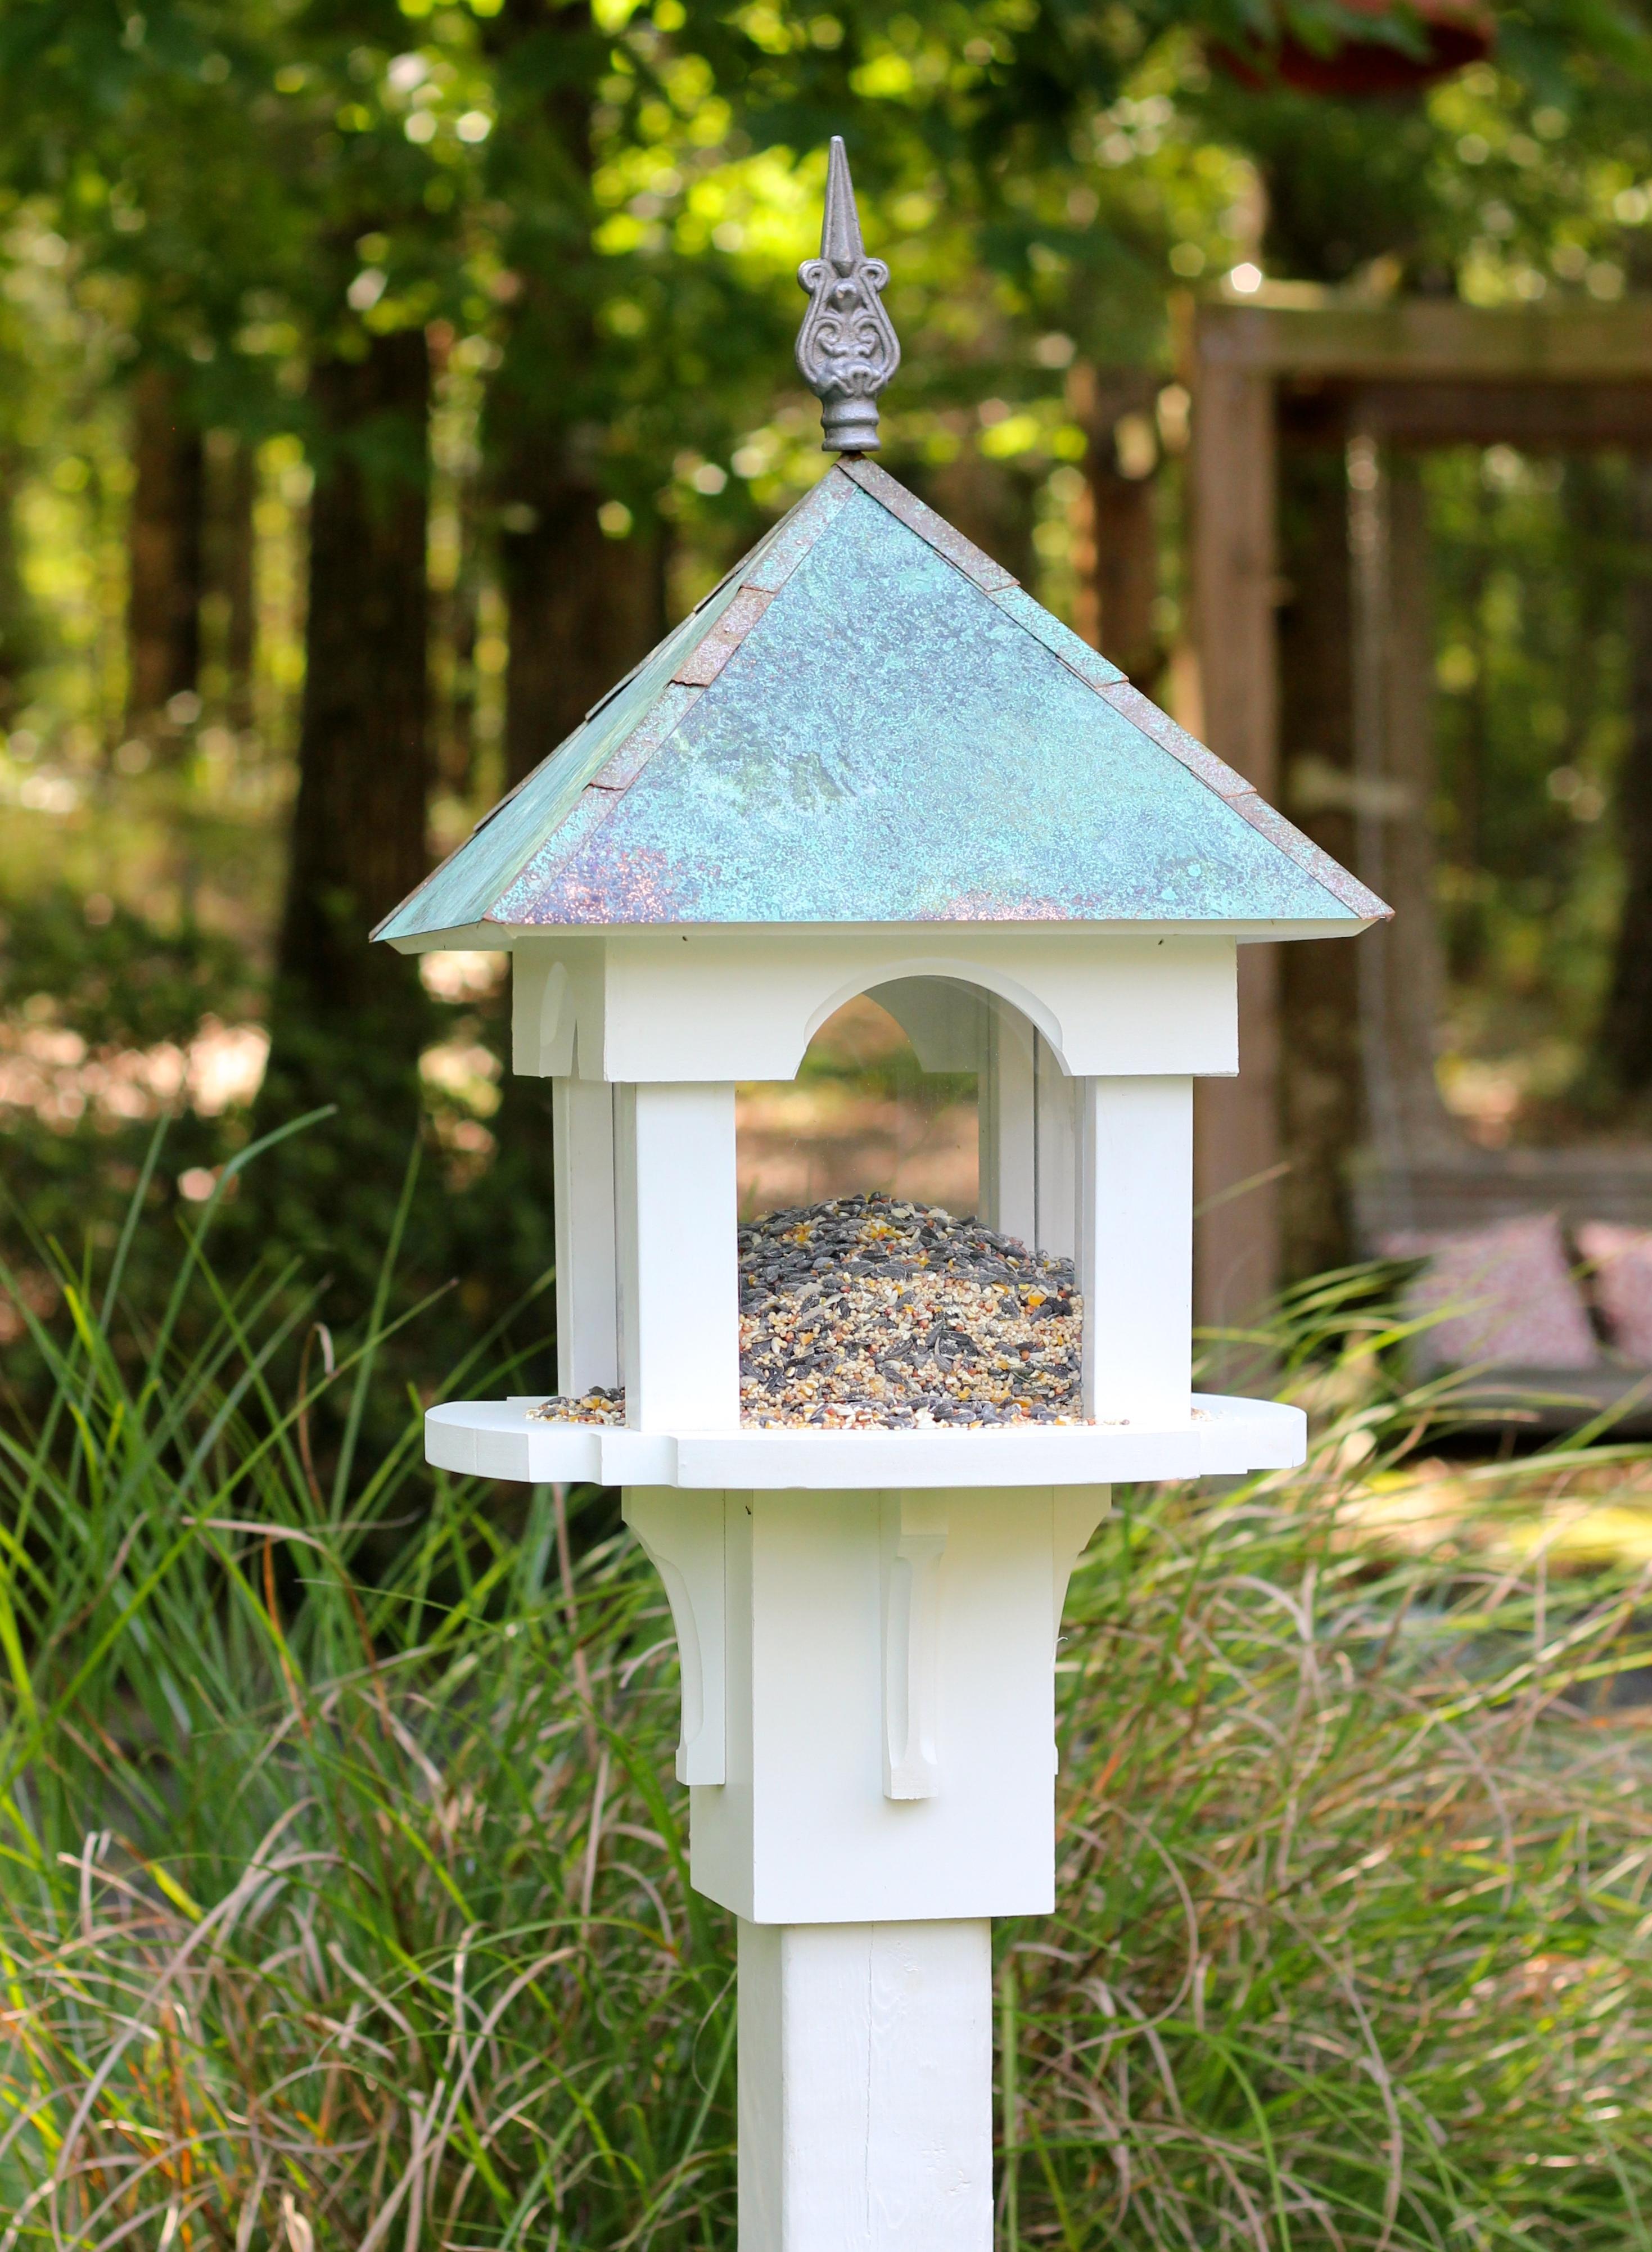 Cafe Birdhouse Product Photo